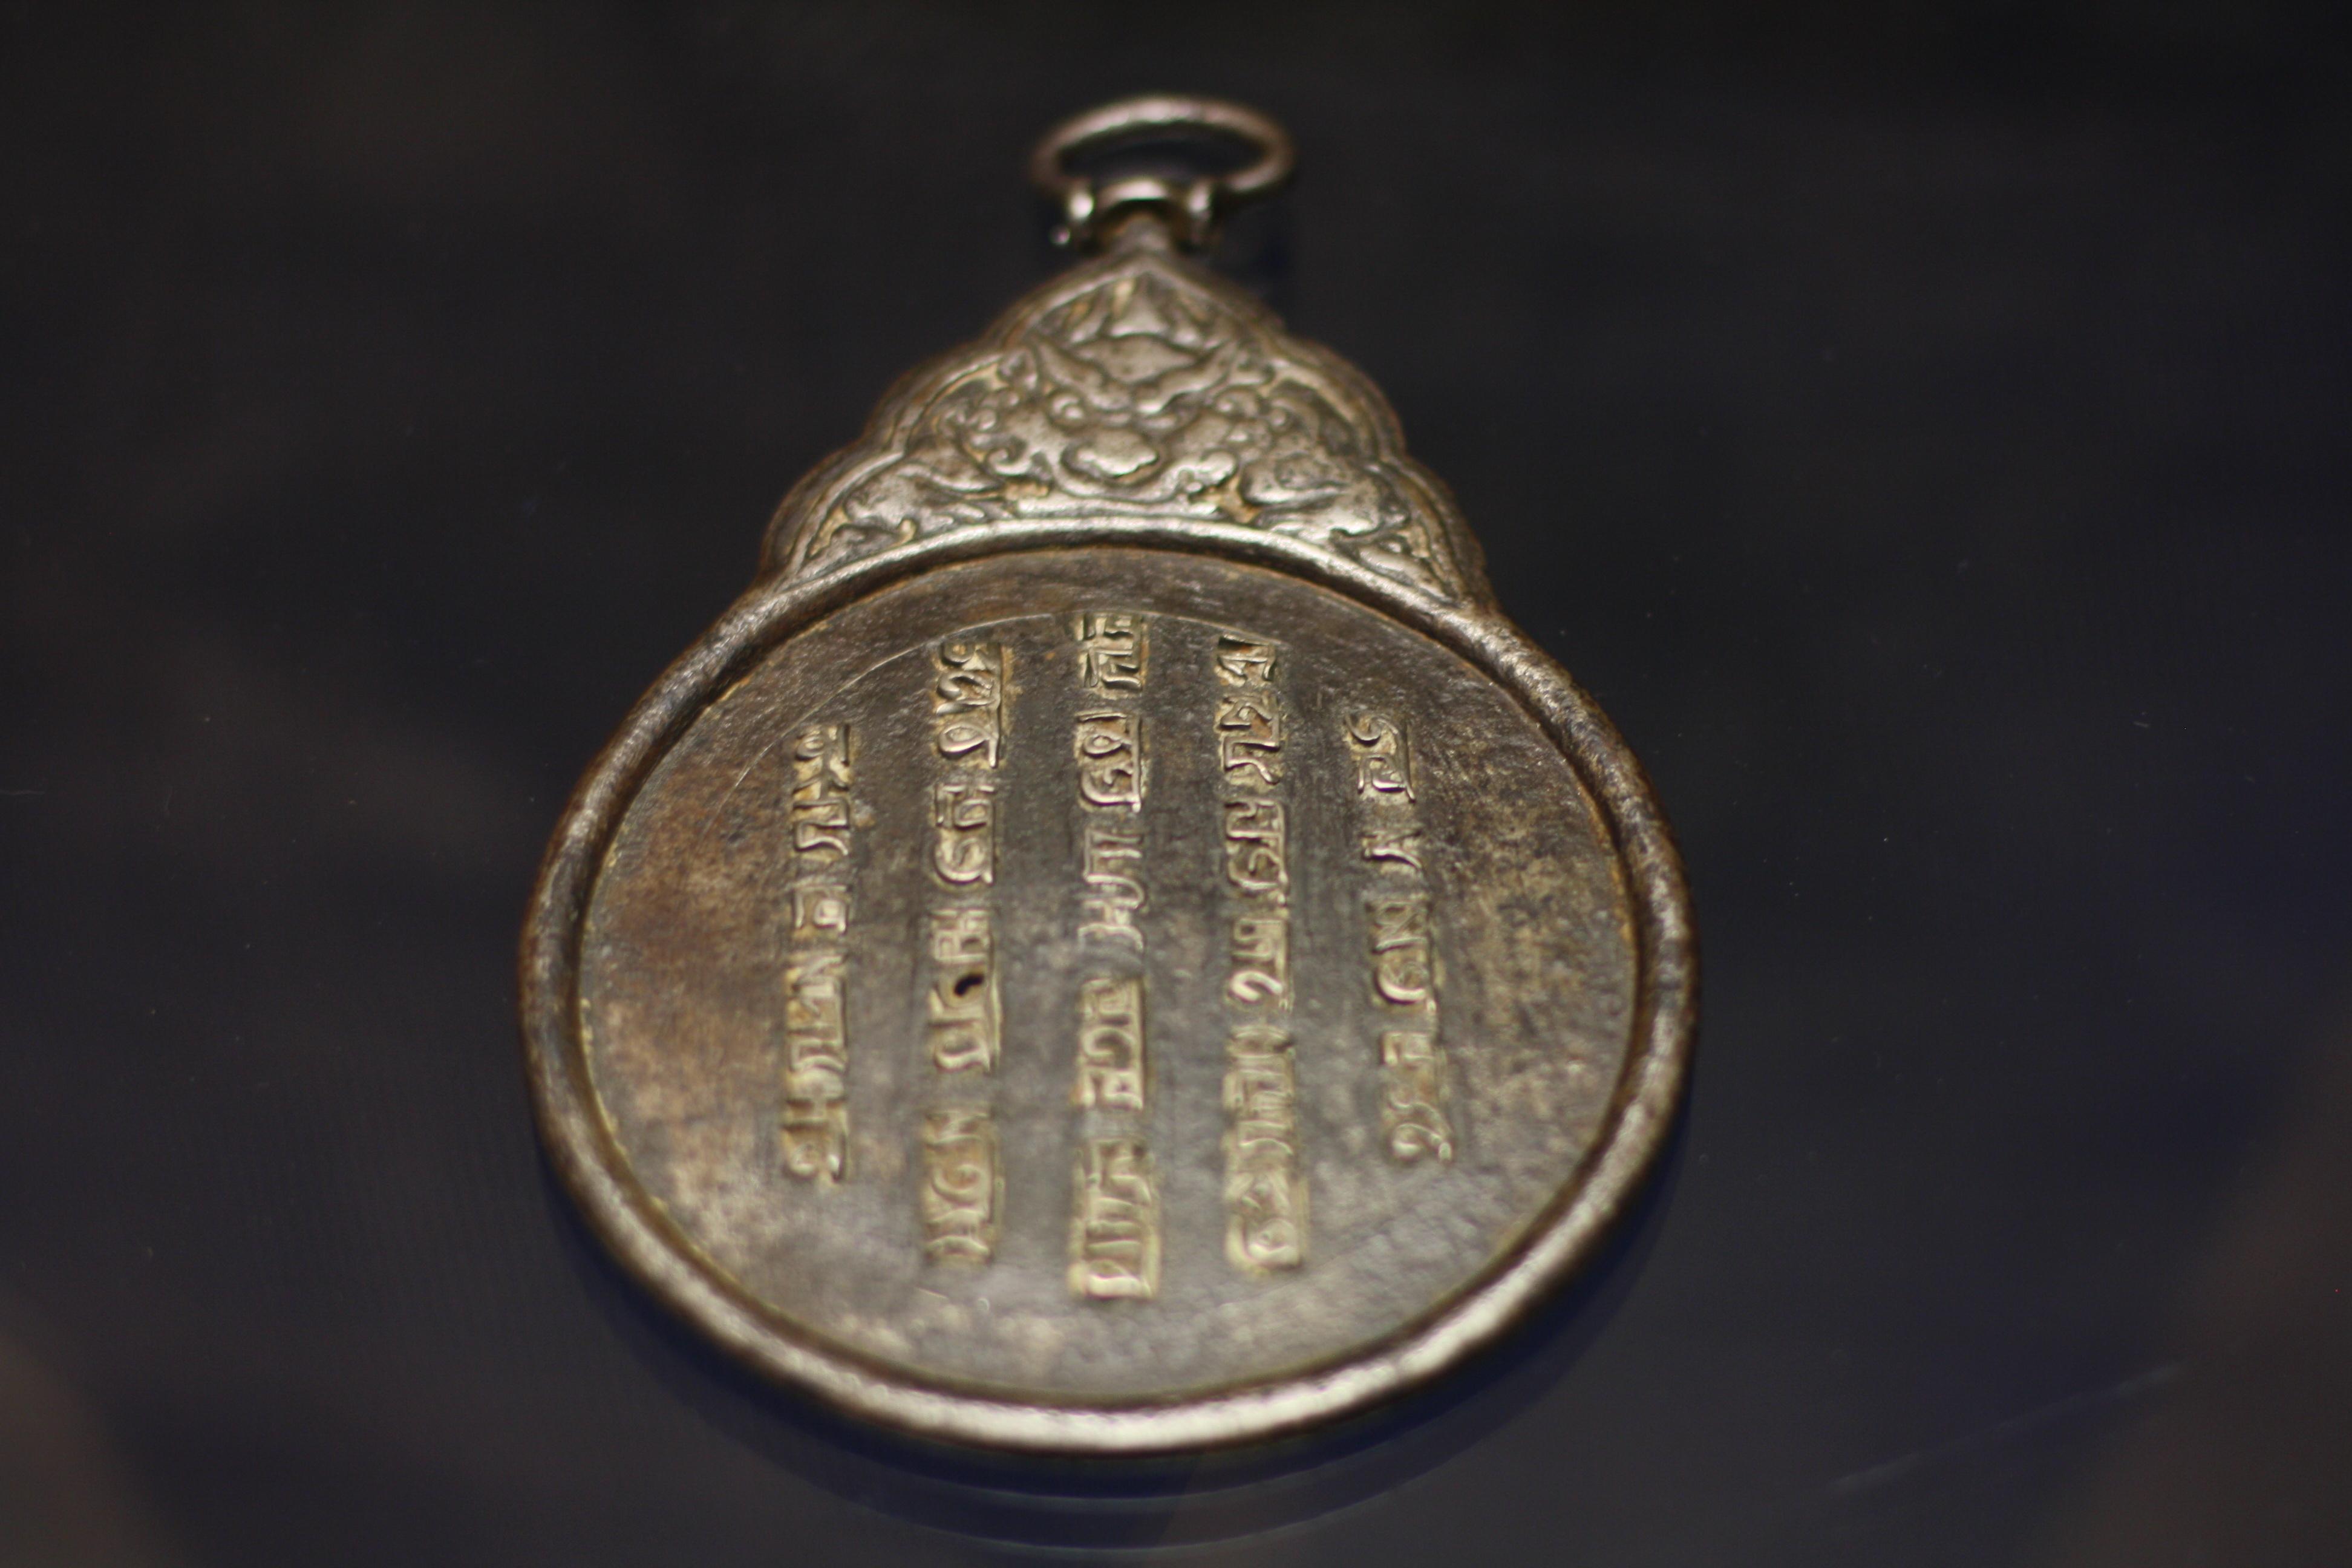 Подорожная пайцза из чугуна с серебряной инкрустацией XIV века